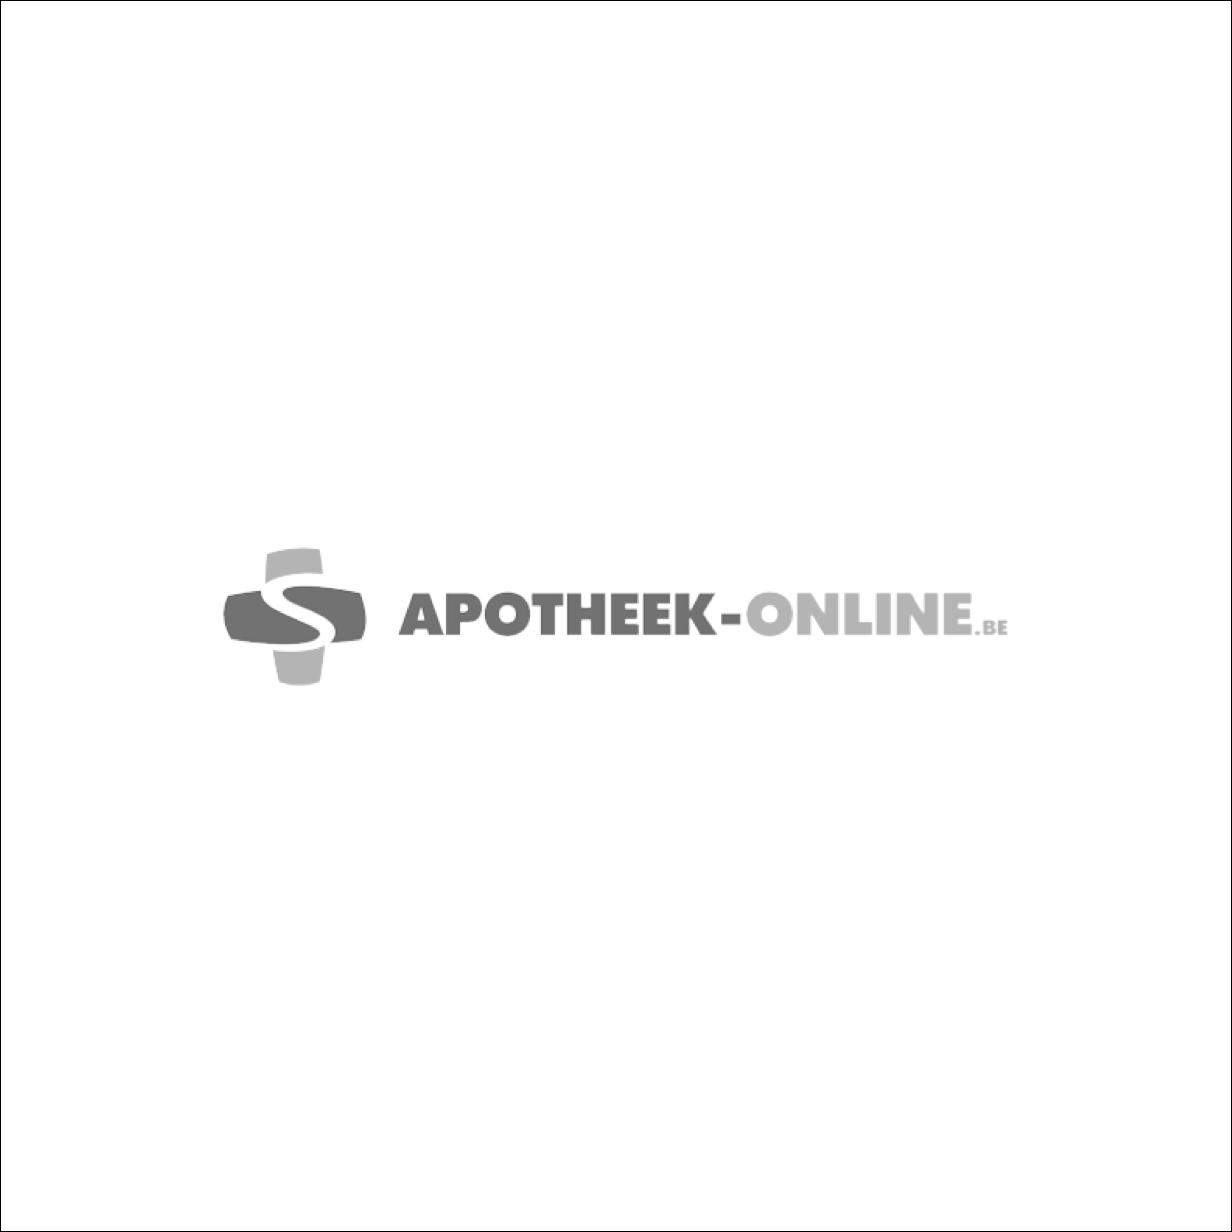 TENA SLIP MAXI SMALL 24 710824 VERV.2687150